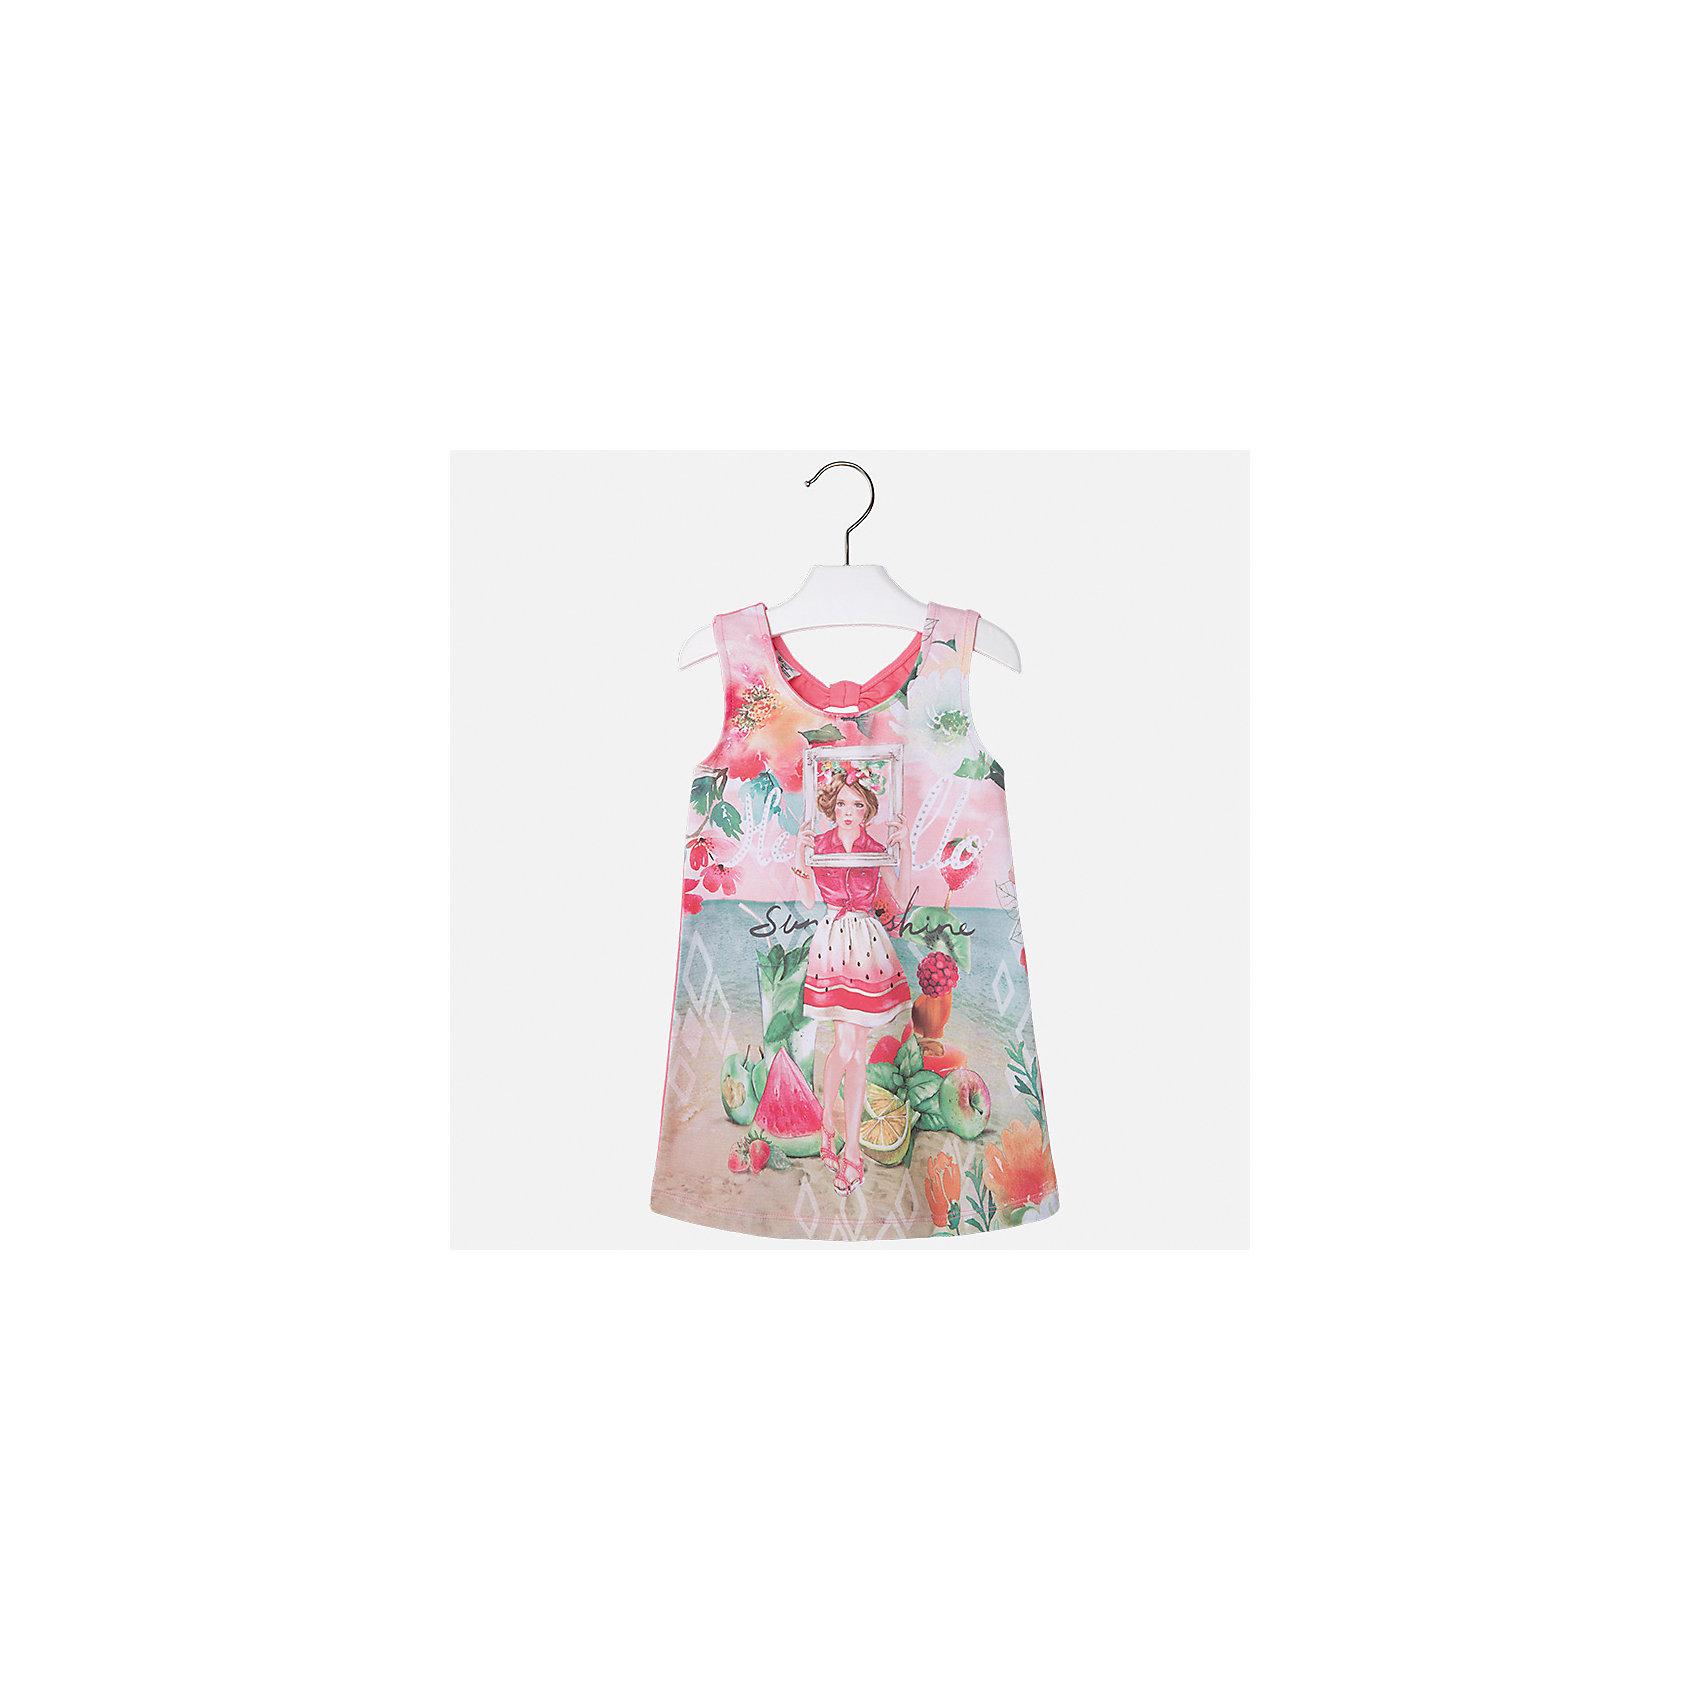 Платье для девочки MayoralПлатья и сарафаны<br>Характеристики товара:<br><br>• цвет: розовый<br>• состав: 92% хлопок, 8% эластан<br>• без застежки<br>• принт<br>• без рукавов<br>• без подкладки<br>• страна бренда: Испания<br><br>Модное красивое платье для девочки поможет разнообразить гардероб ребенка и создать эффектный наряд. Оно отлично подойдет для различных случаев. Красивый оттенок позволяет подобрать к вещи обувь разных расцветок. Платье хорошо сидит по фигуре. . В составе материала - натуральный хлопок, гипоаллергенный, приятный на ощупь, дышащий.<br><br>Одежда, обувь и аксессуары от испанского бренда Mayoral полюбились детям и взрослым по всему миру. Модели этой марки - стильные и удобные. Для их производства используются только безопасные, качественные материалы и фурнитура. Порадуйте ребенка модными и красивыми вещами от Mayoral! <br><br>Платье для девочки от испанского бренда Mayoral (Майорал) можно купить в нашем интернет-магазине.<br><br>Ширина мм: 236<br>Глубина мм: 16<br>Высота мм: 184<br>Вес г: 177<br>Цвет: оранжевый<br>Возраст от месяцев: 96<br>Возраст до месяцев: 108<br>Пол: Женский<br>Возраст: Детский<br>Размер: 134,92,98,104,110,116,122,128<br>SKU: 5291498